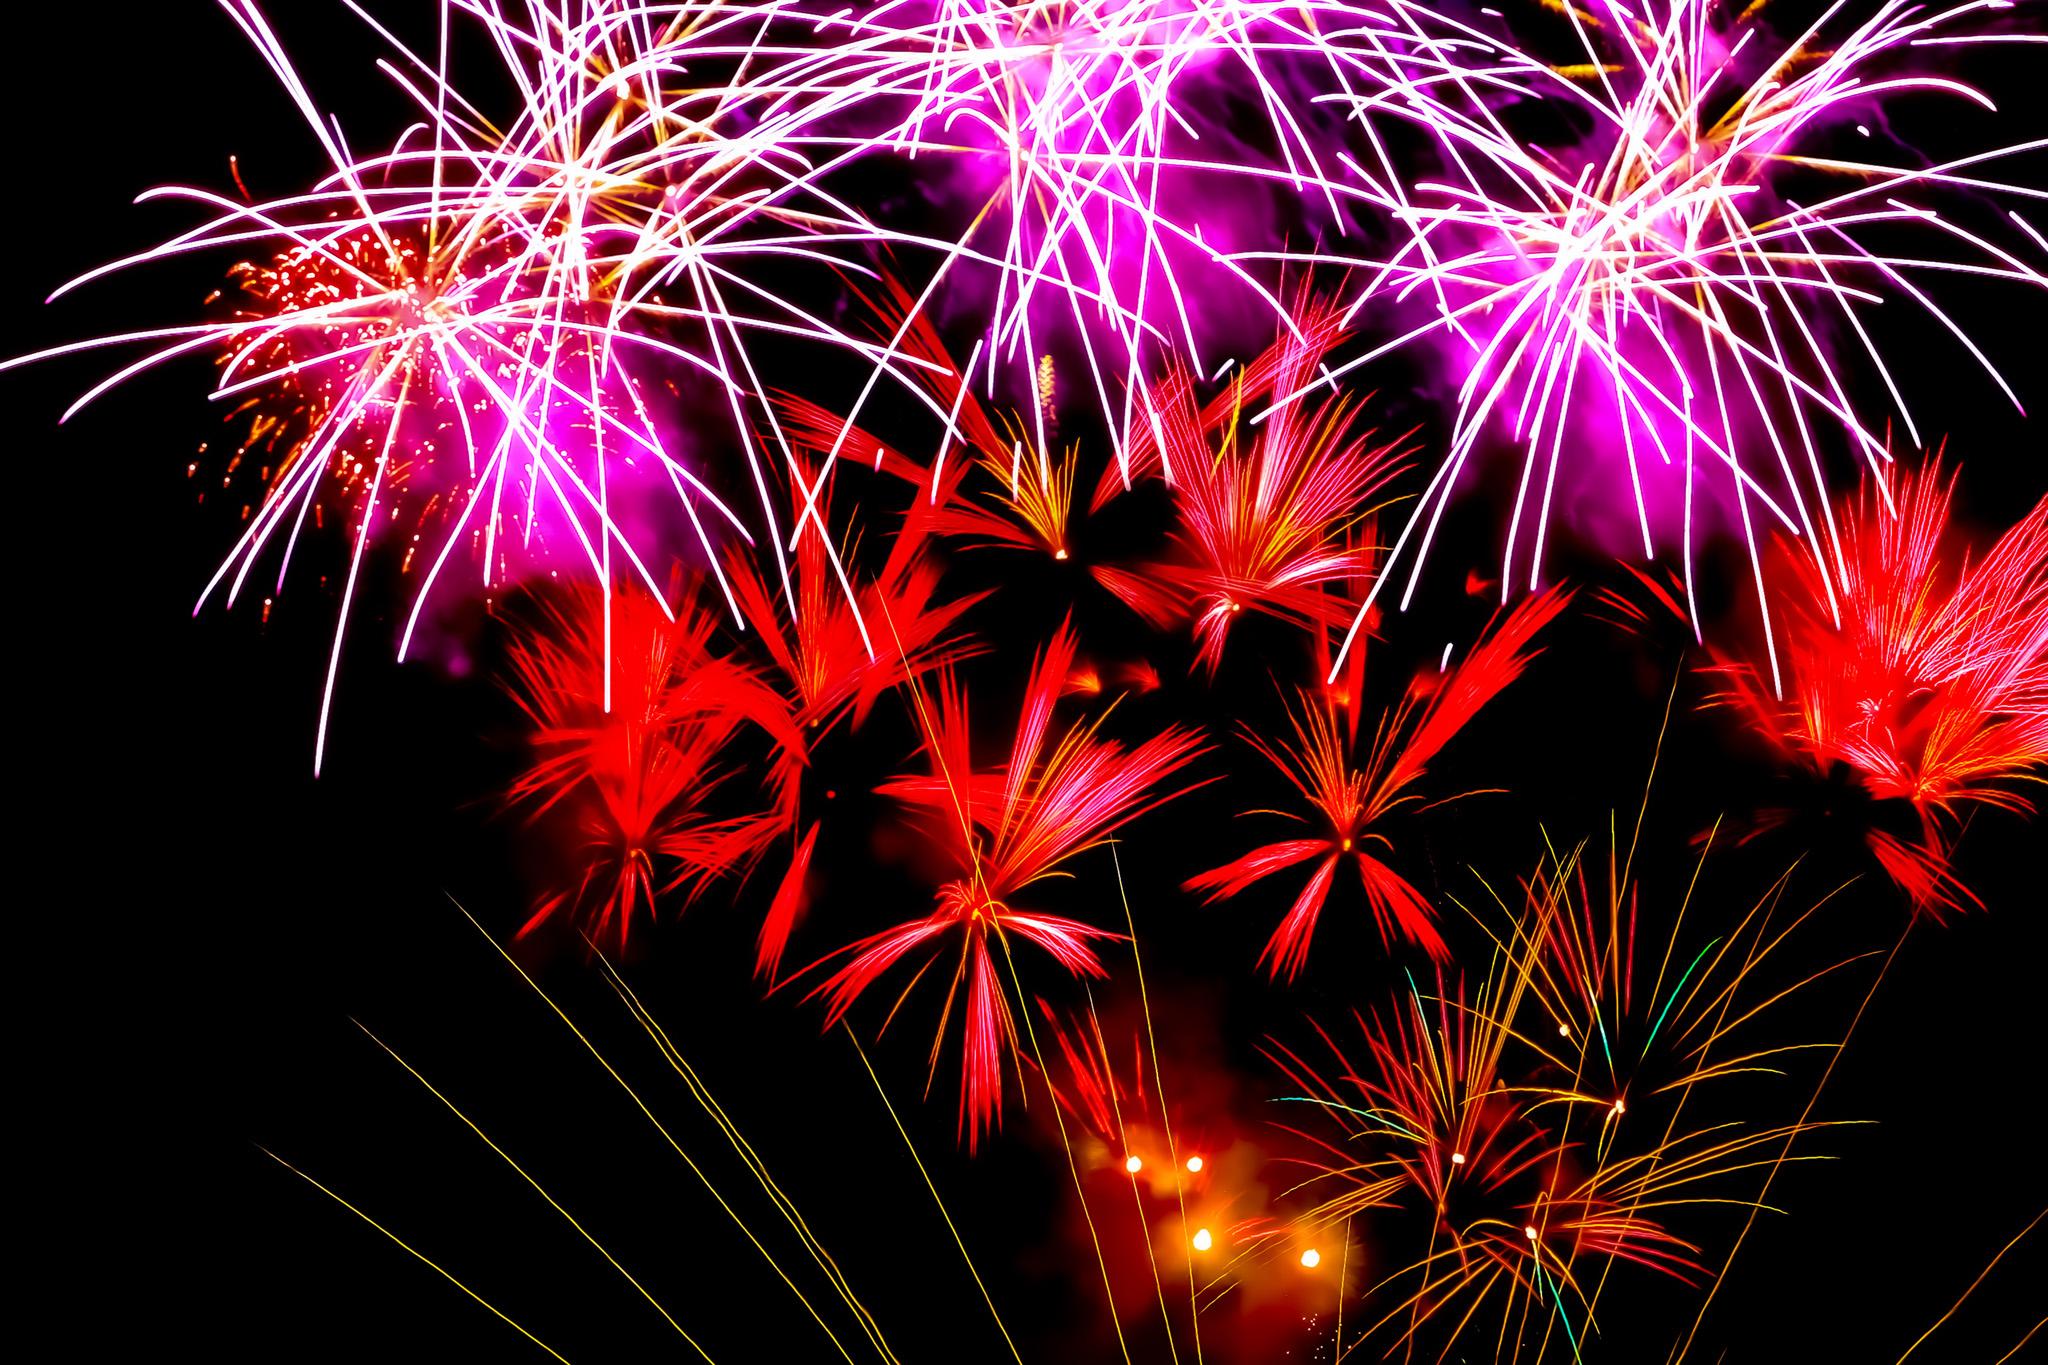 「祭りの夜を飾る花火」の素材を無料ダウンロード